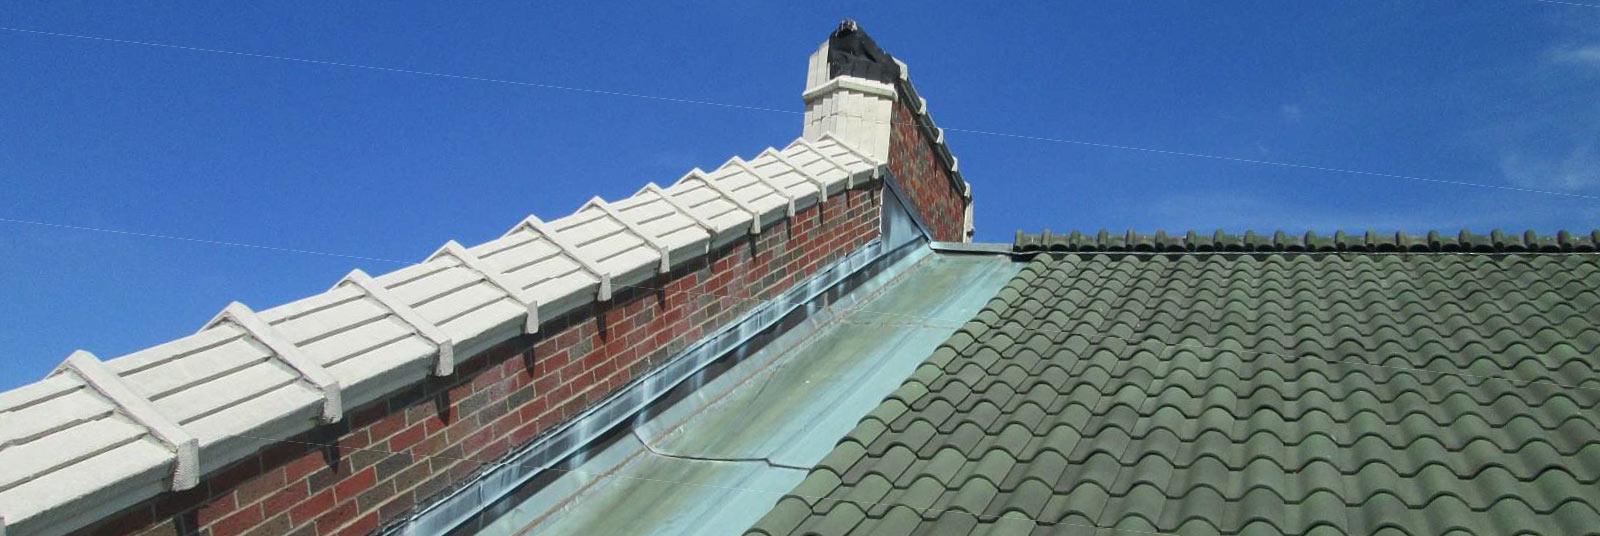 View looking up the roof shingles at the University of Cincinnati Dieterle Hall in Cincinnati, Ohio.